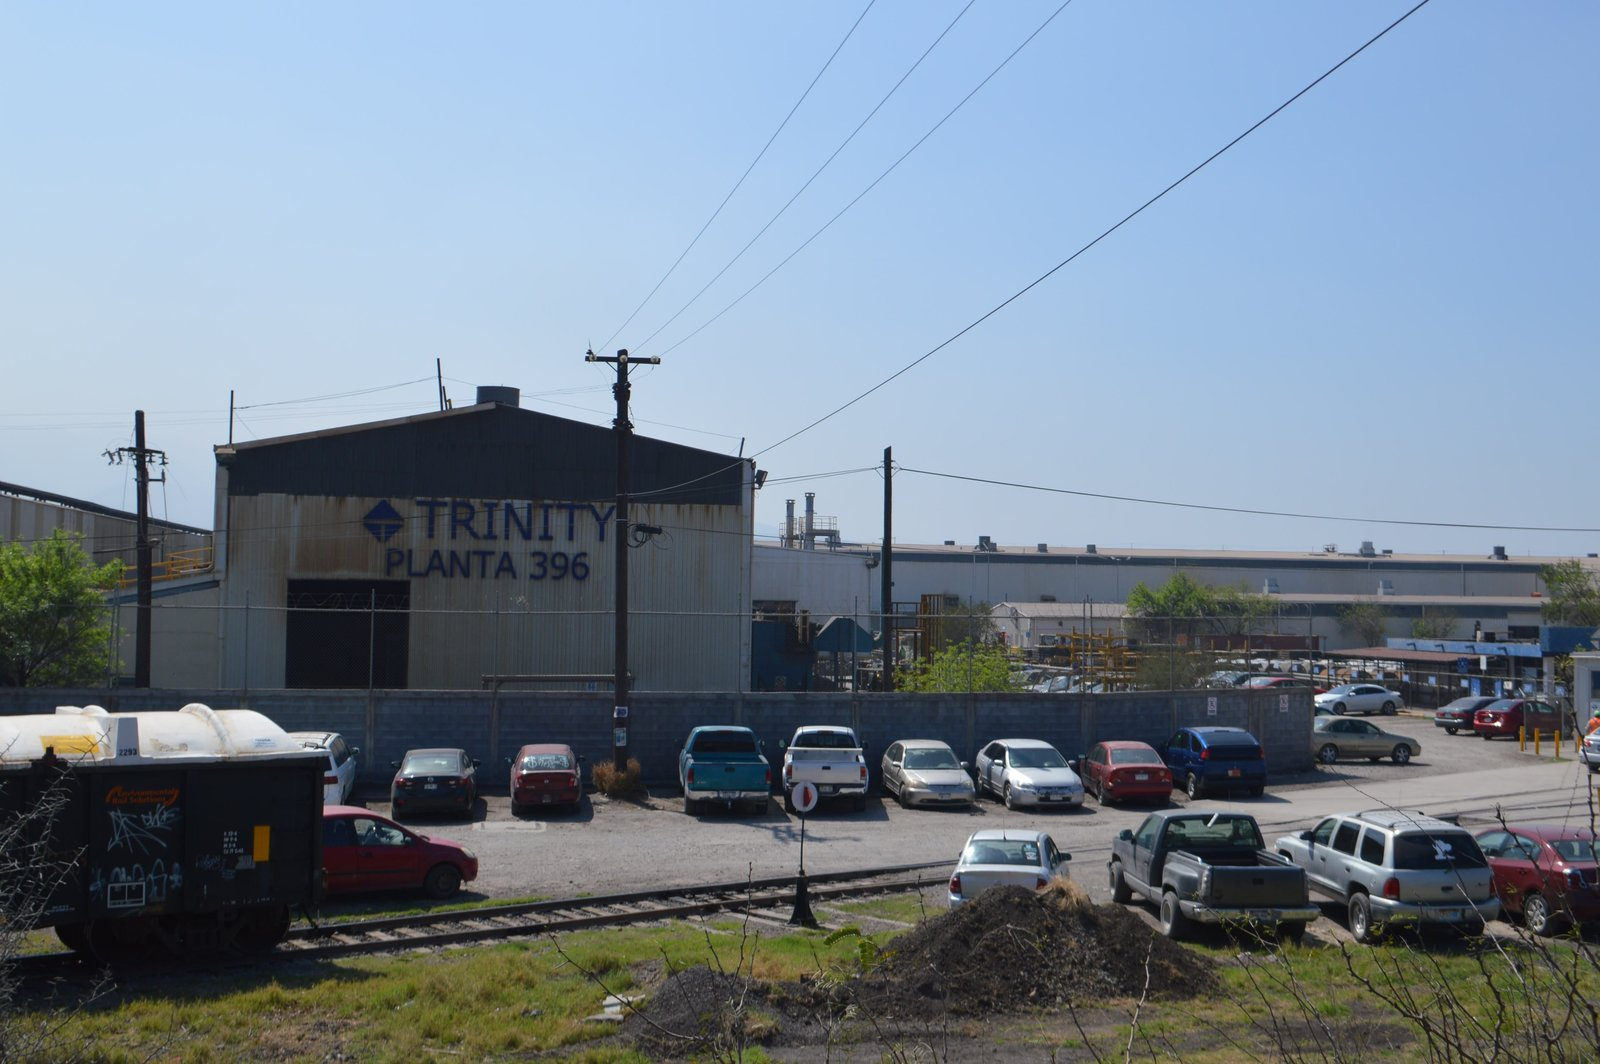 Serán dadosde baja 300 obreros más de la empresa Trinity